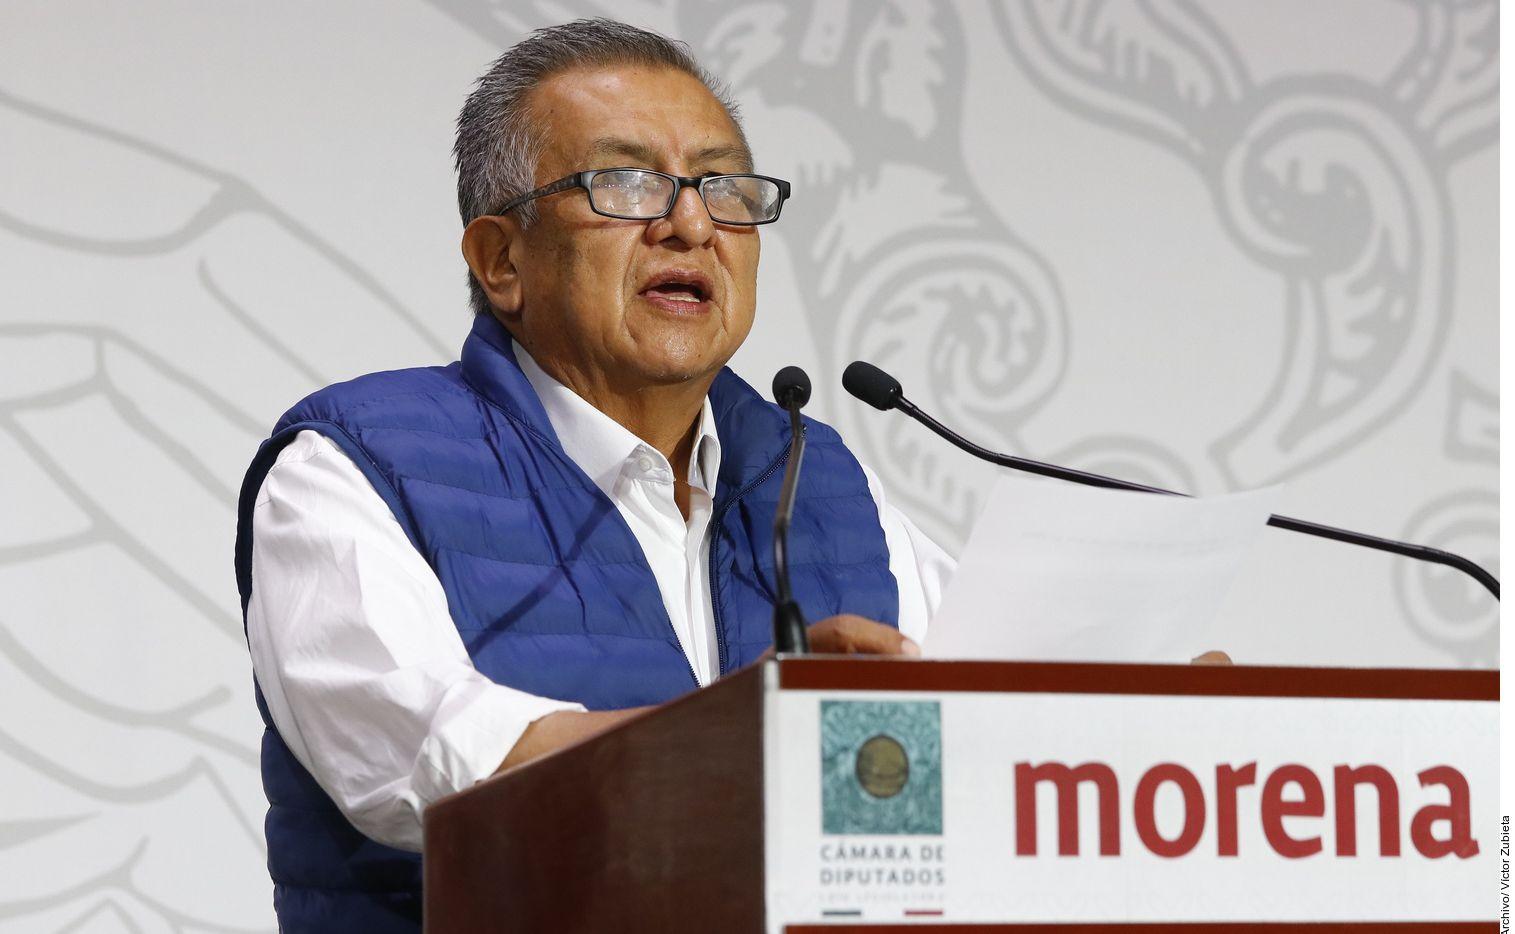 Saúl Huerta fue separado de la fracción parlamentaria de Morena en San Lázaro, informó su expartido político.